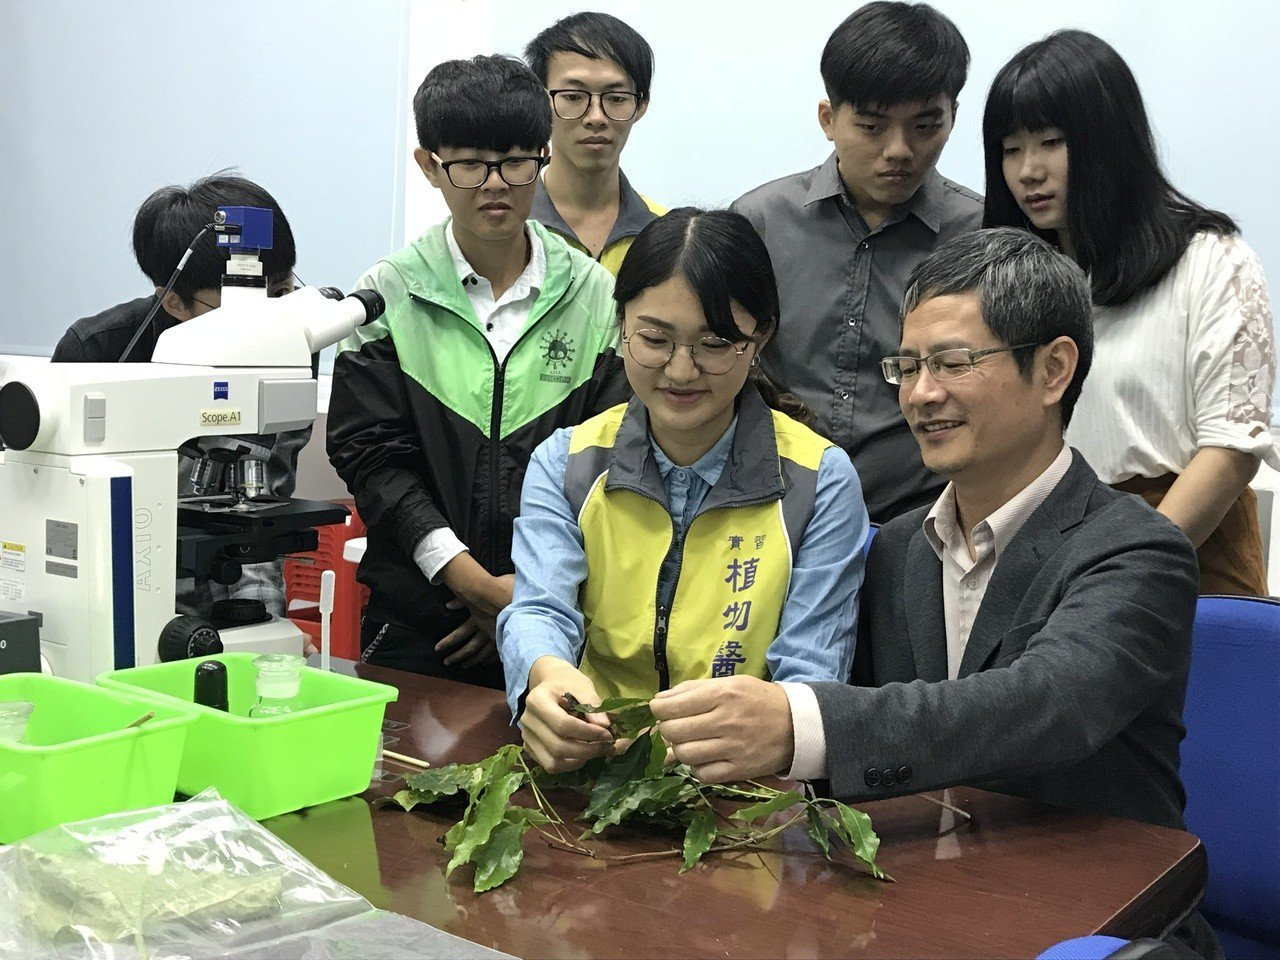 嘉義大學植物教學醫院今天揭牌,嘉義大學植物醫學系副教授蔡文錫(右一)指導學生為咖...